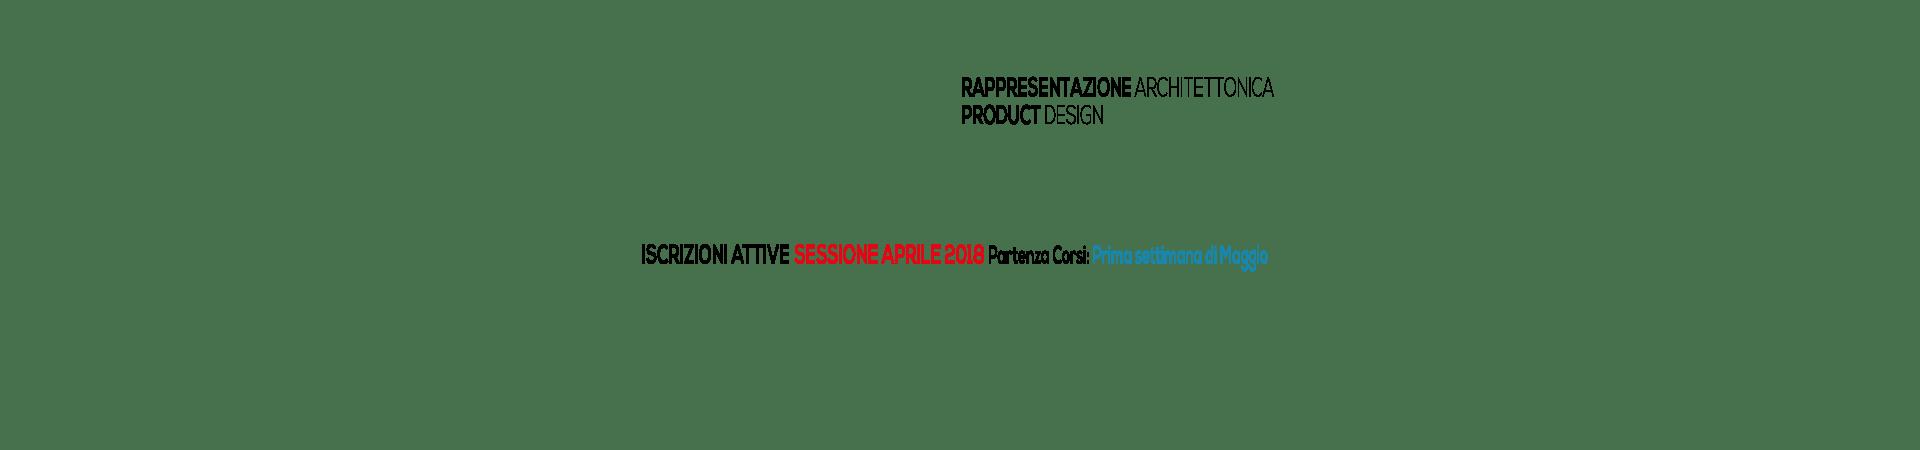 06_Rapp Arch/ Design + Iscrizioni